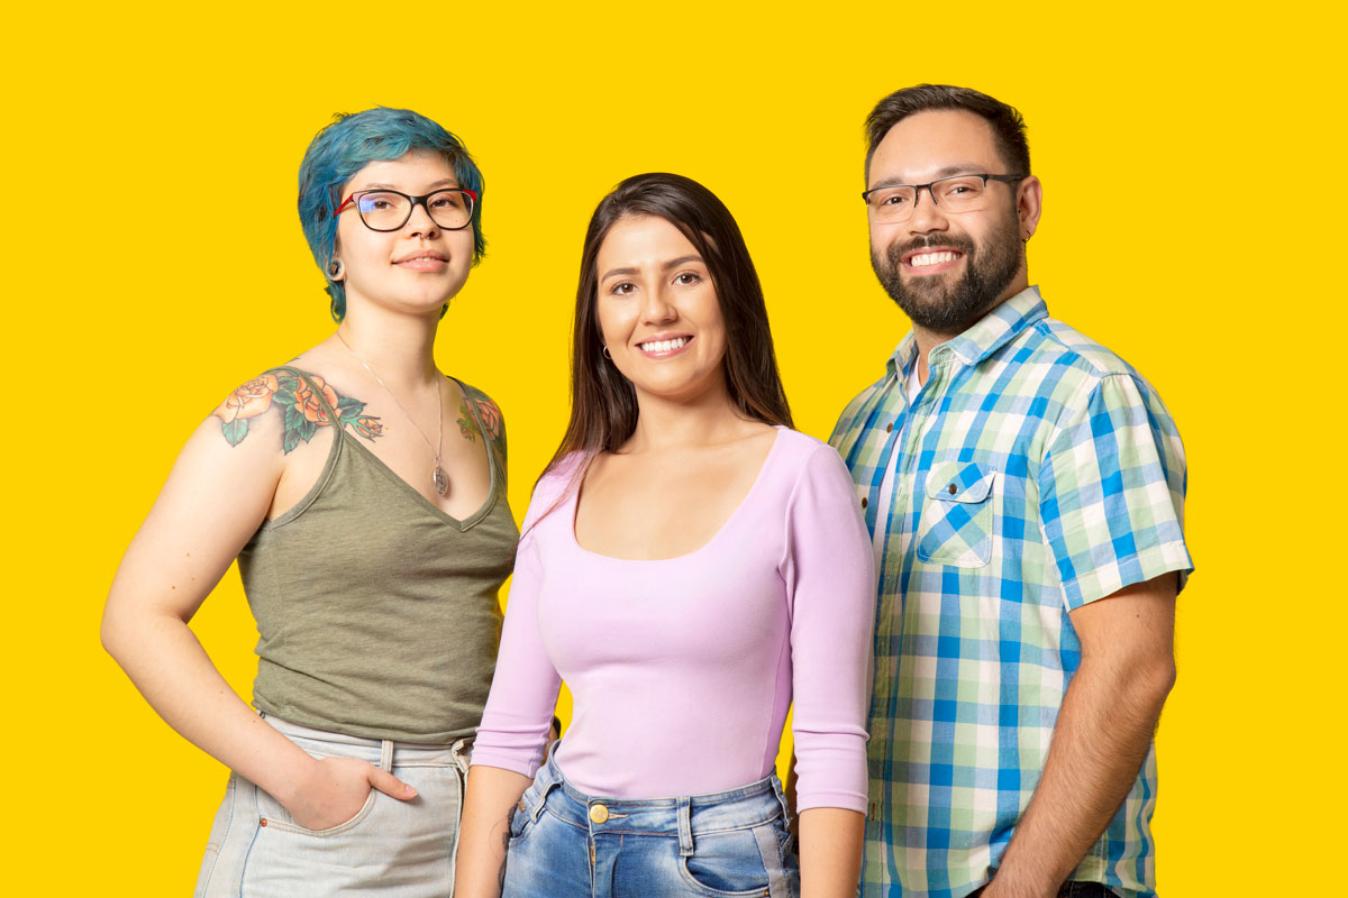 Três pessoas em um fundo amarelo